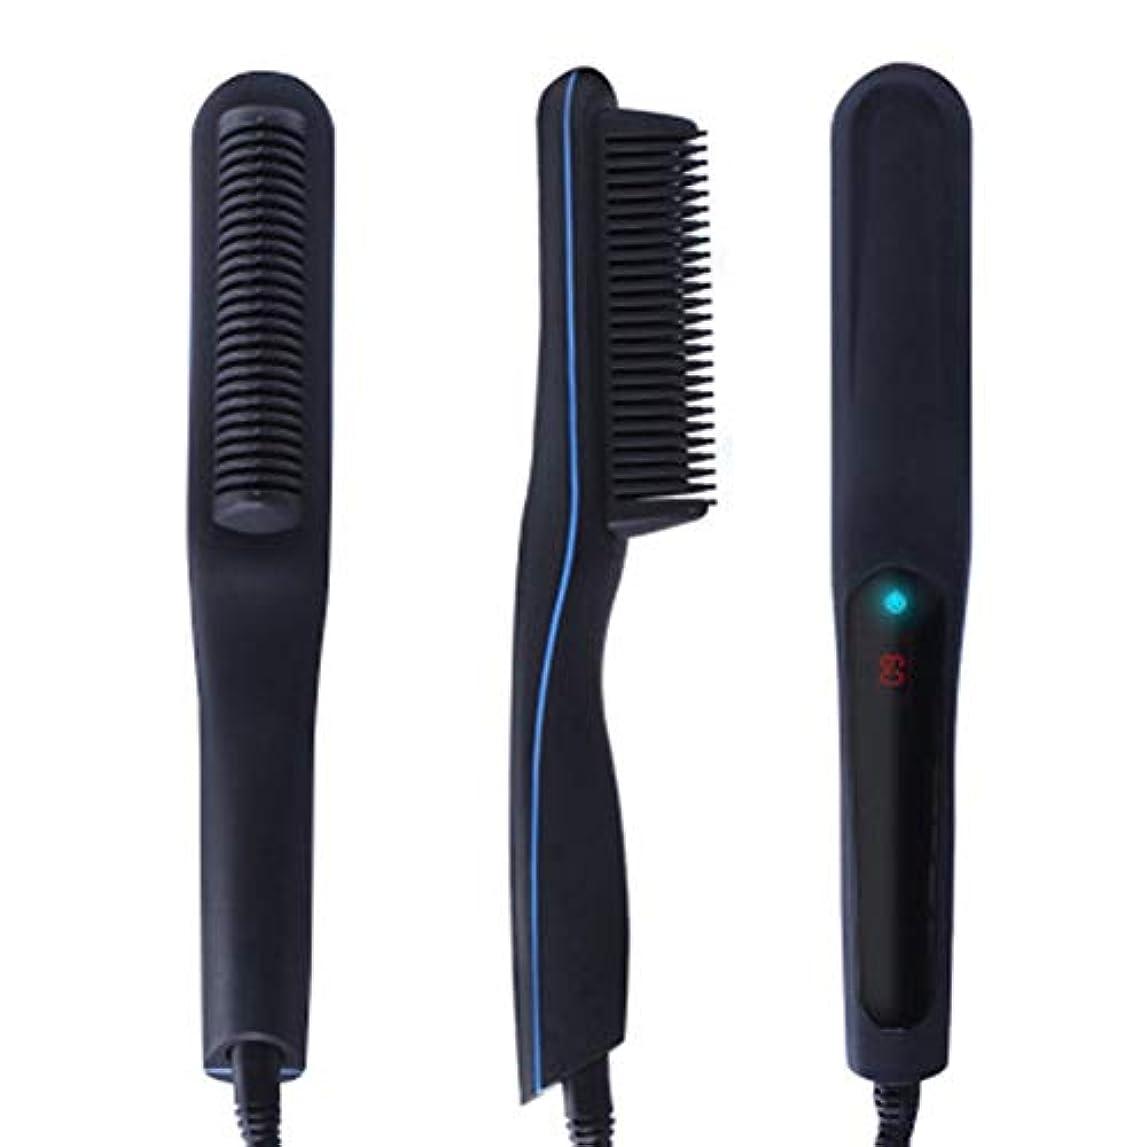 接地はねかける確立ロールストレート髪のくし、多機能レディーススタイルストレートヘアコームボタンバージョンメンズ髭くしLEDディスプレイ、小型で便利